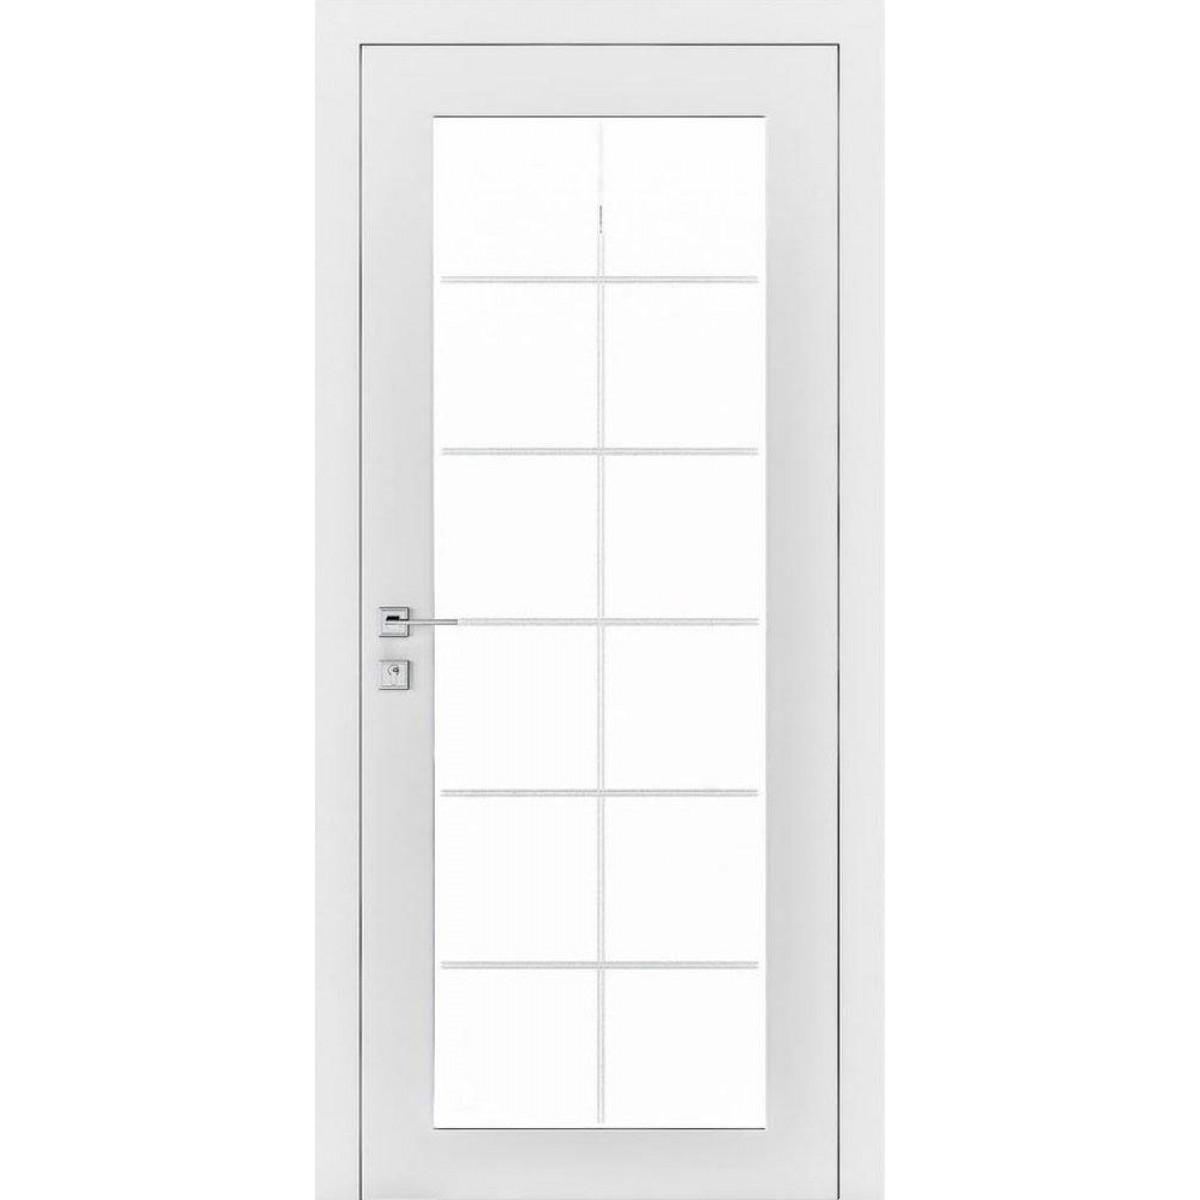 Межкомнатная дверь Cortes Porto стекло триплекс сатин 2 рис.8 белый мат Rodos